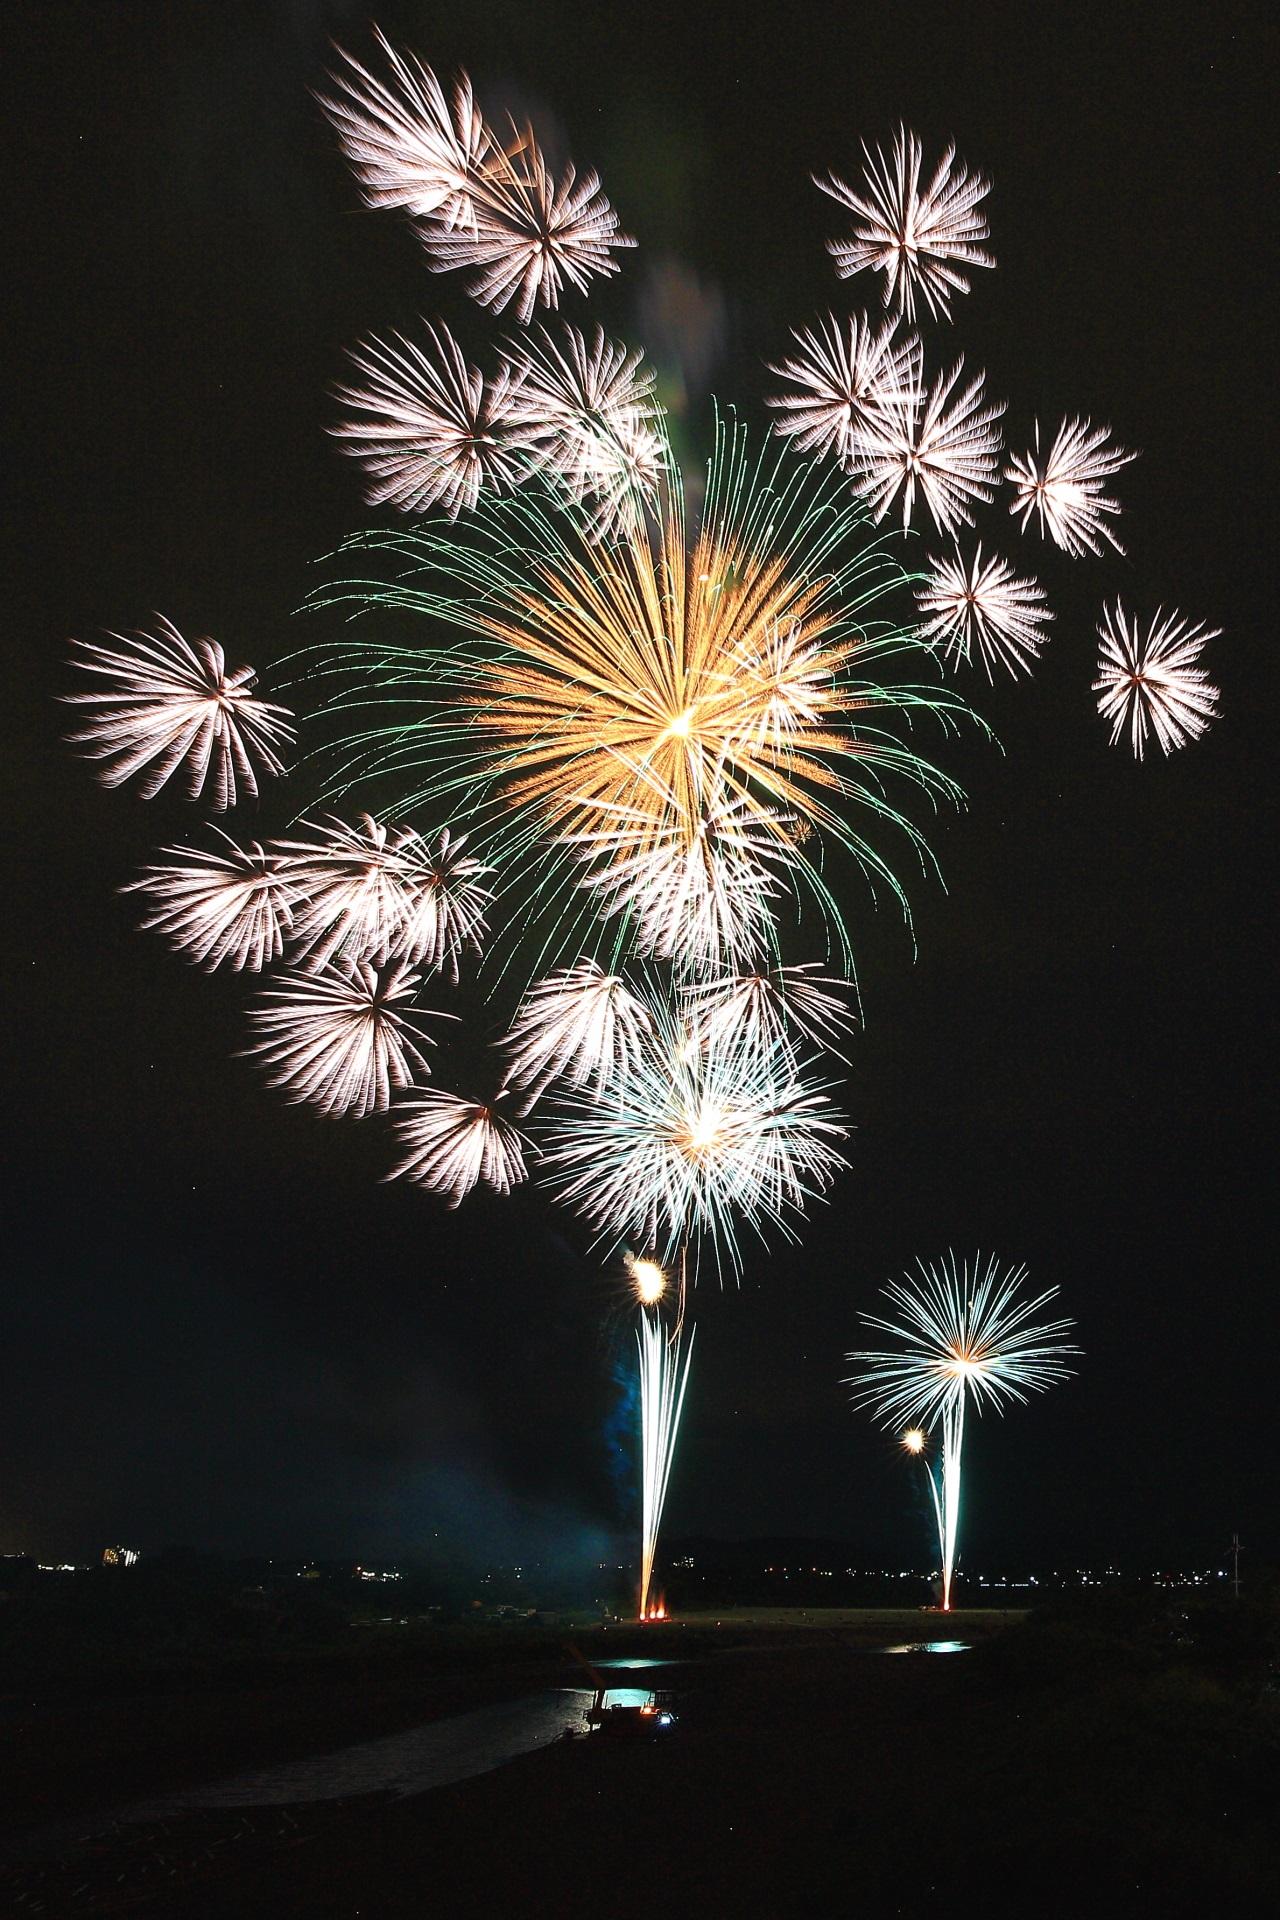 亀岡花火大会の小さな花火に演出される大輪の花火